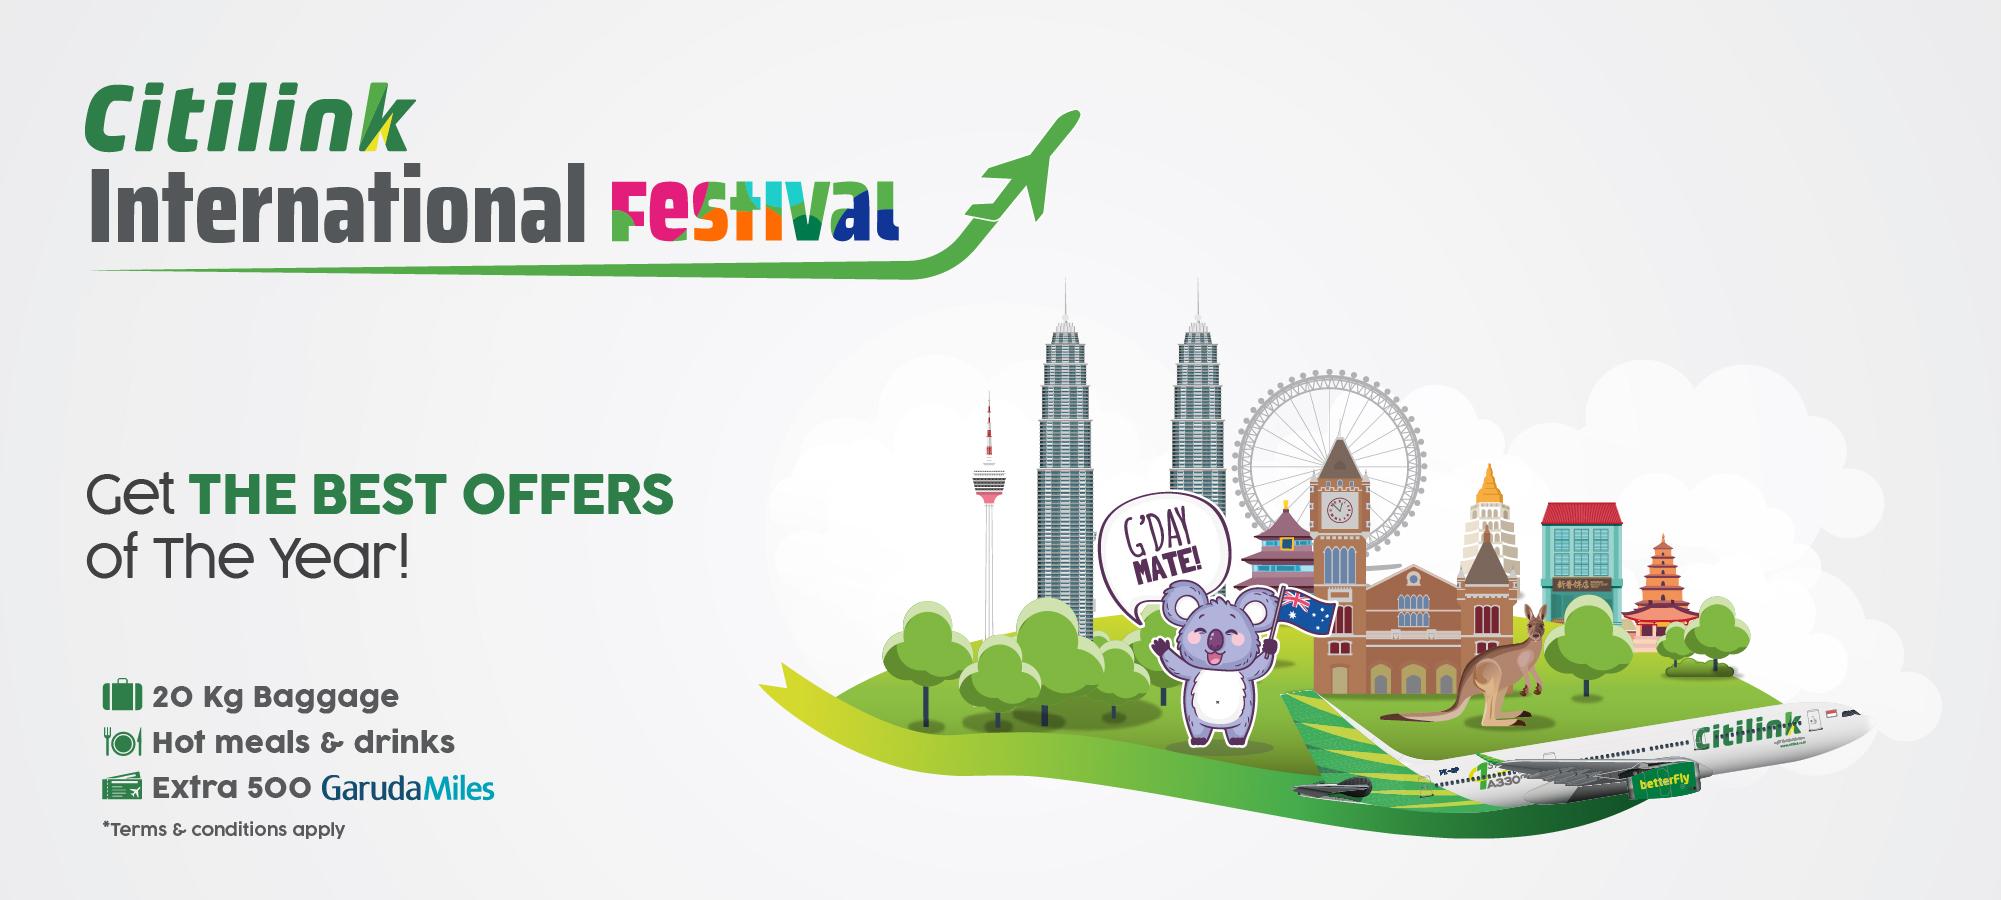 fa_ctl_festival_mobileapps_2000x900pxl_02